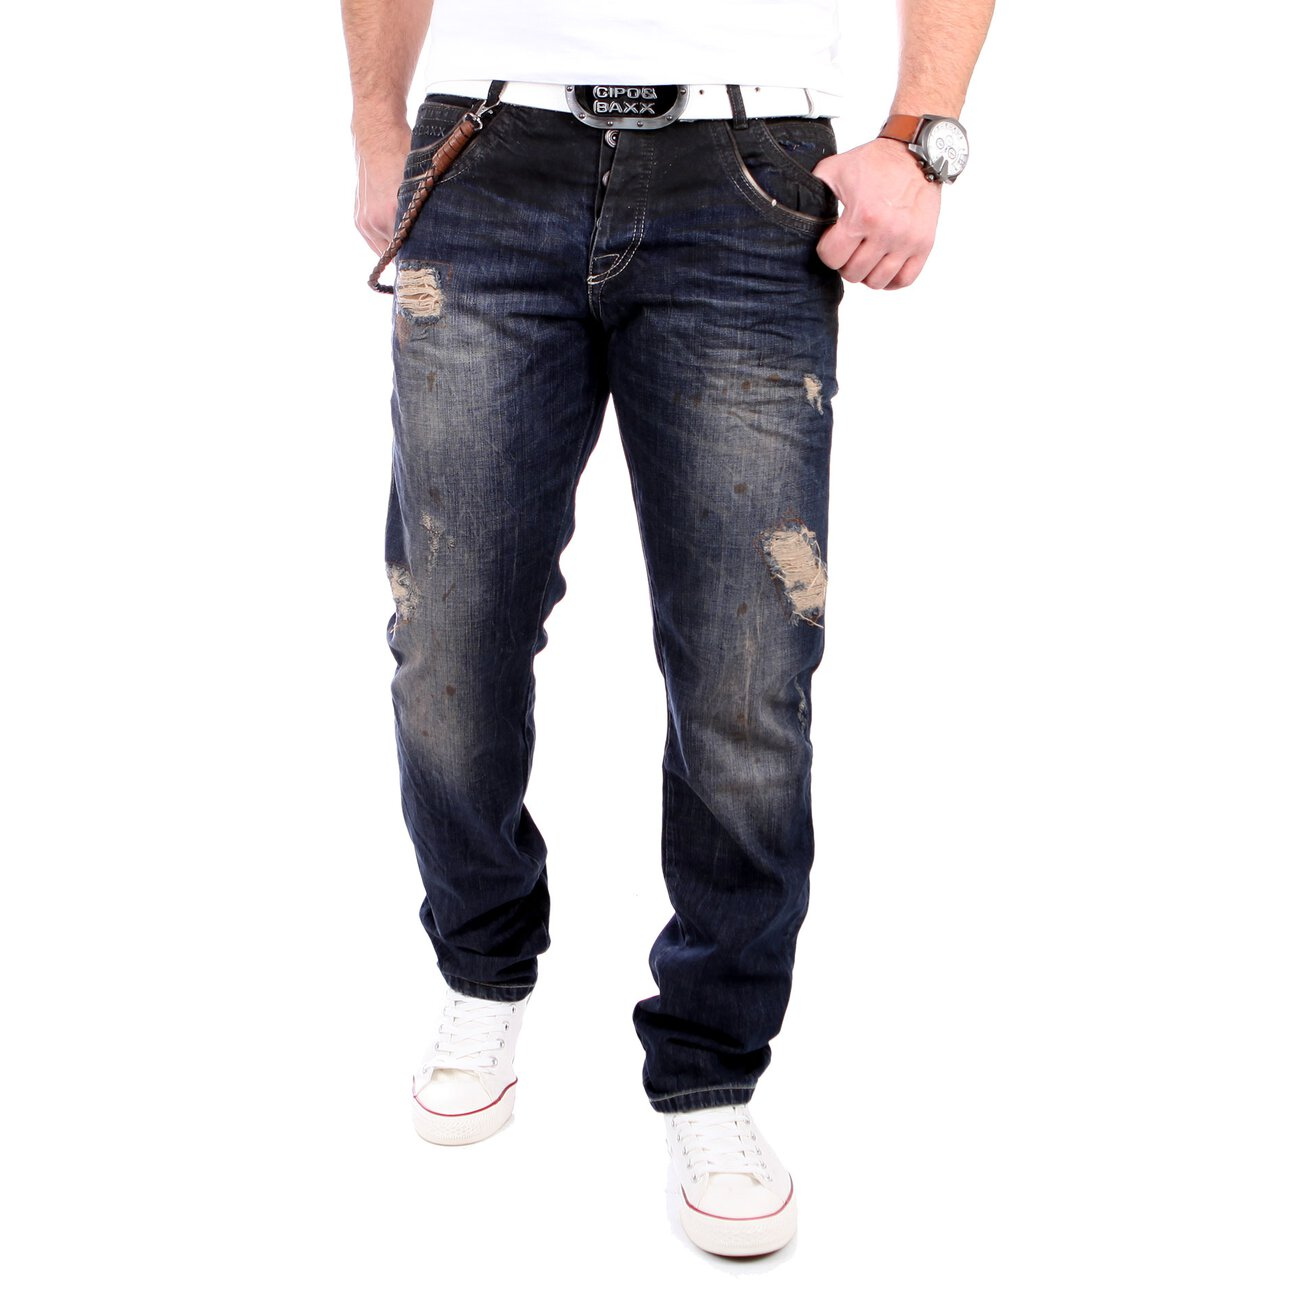 cipo baxx herren jeans regular fit vintage cd 151 dunkelblau. Black Bedroom Furniture Sets. Home Design Ideas